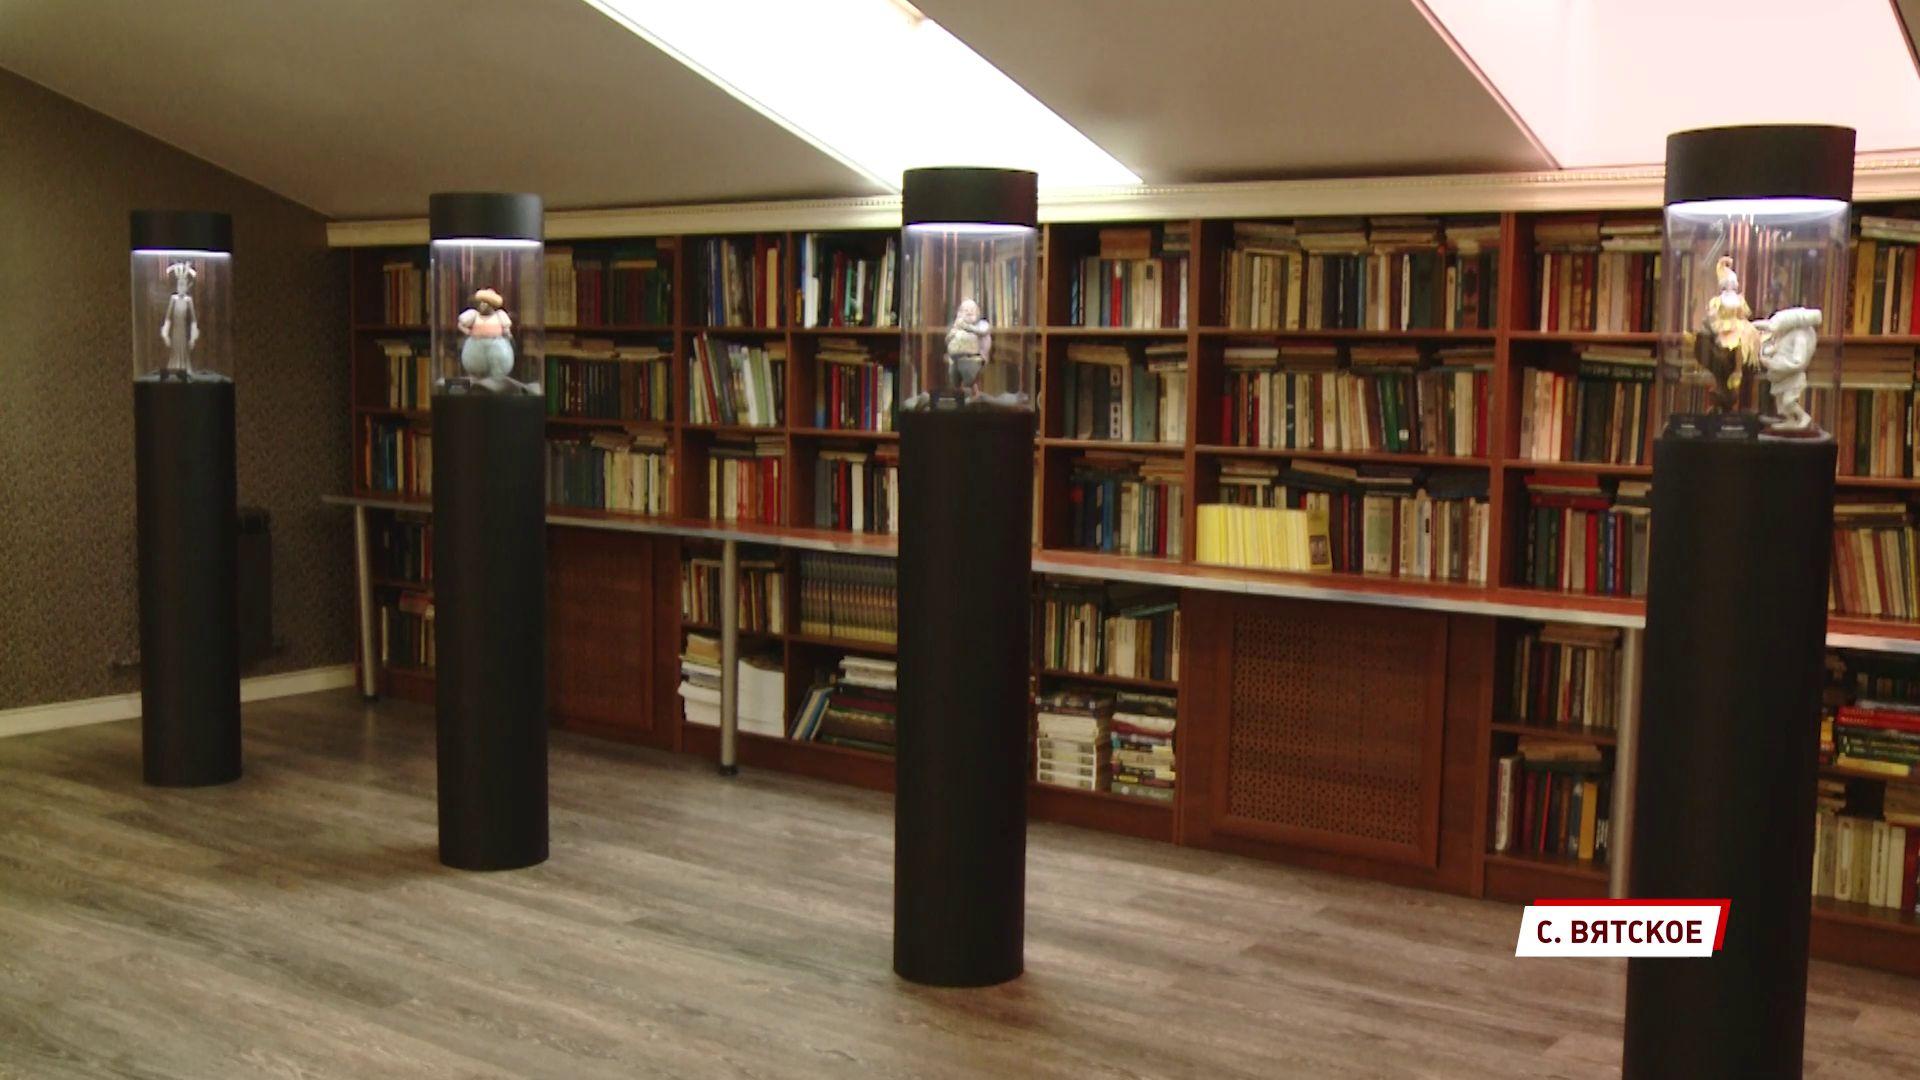 В Вятском представили экспозицию персонажей и декораций мультфильма «Гофманиада»